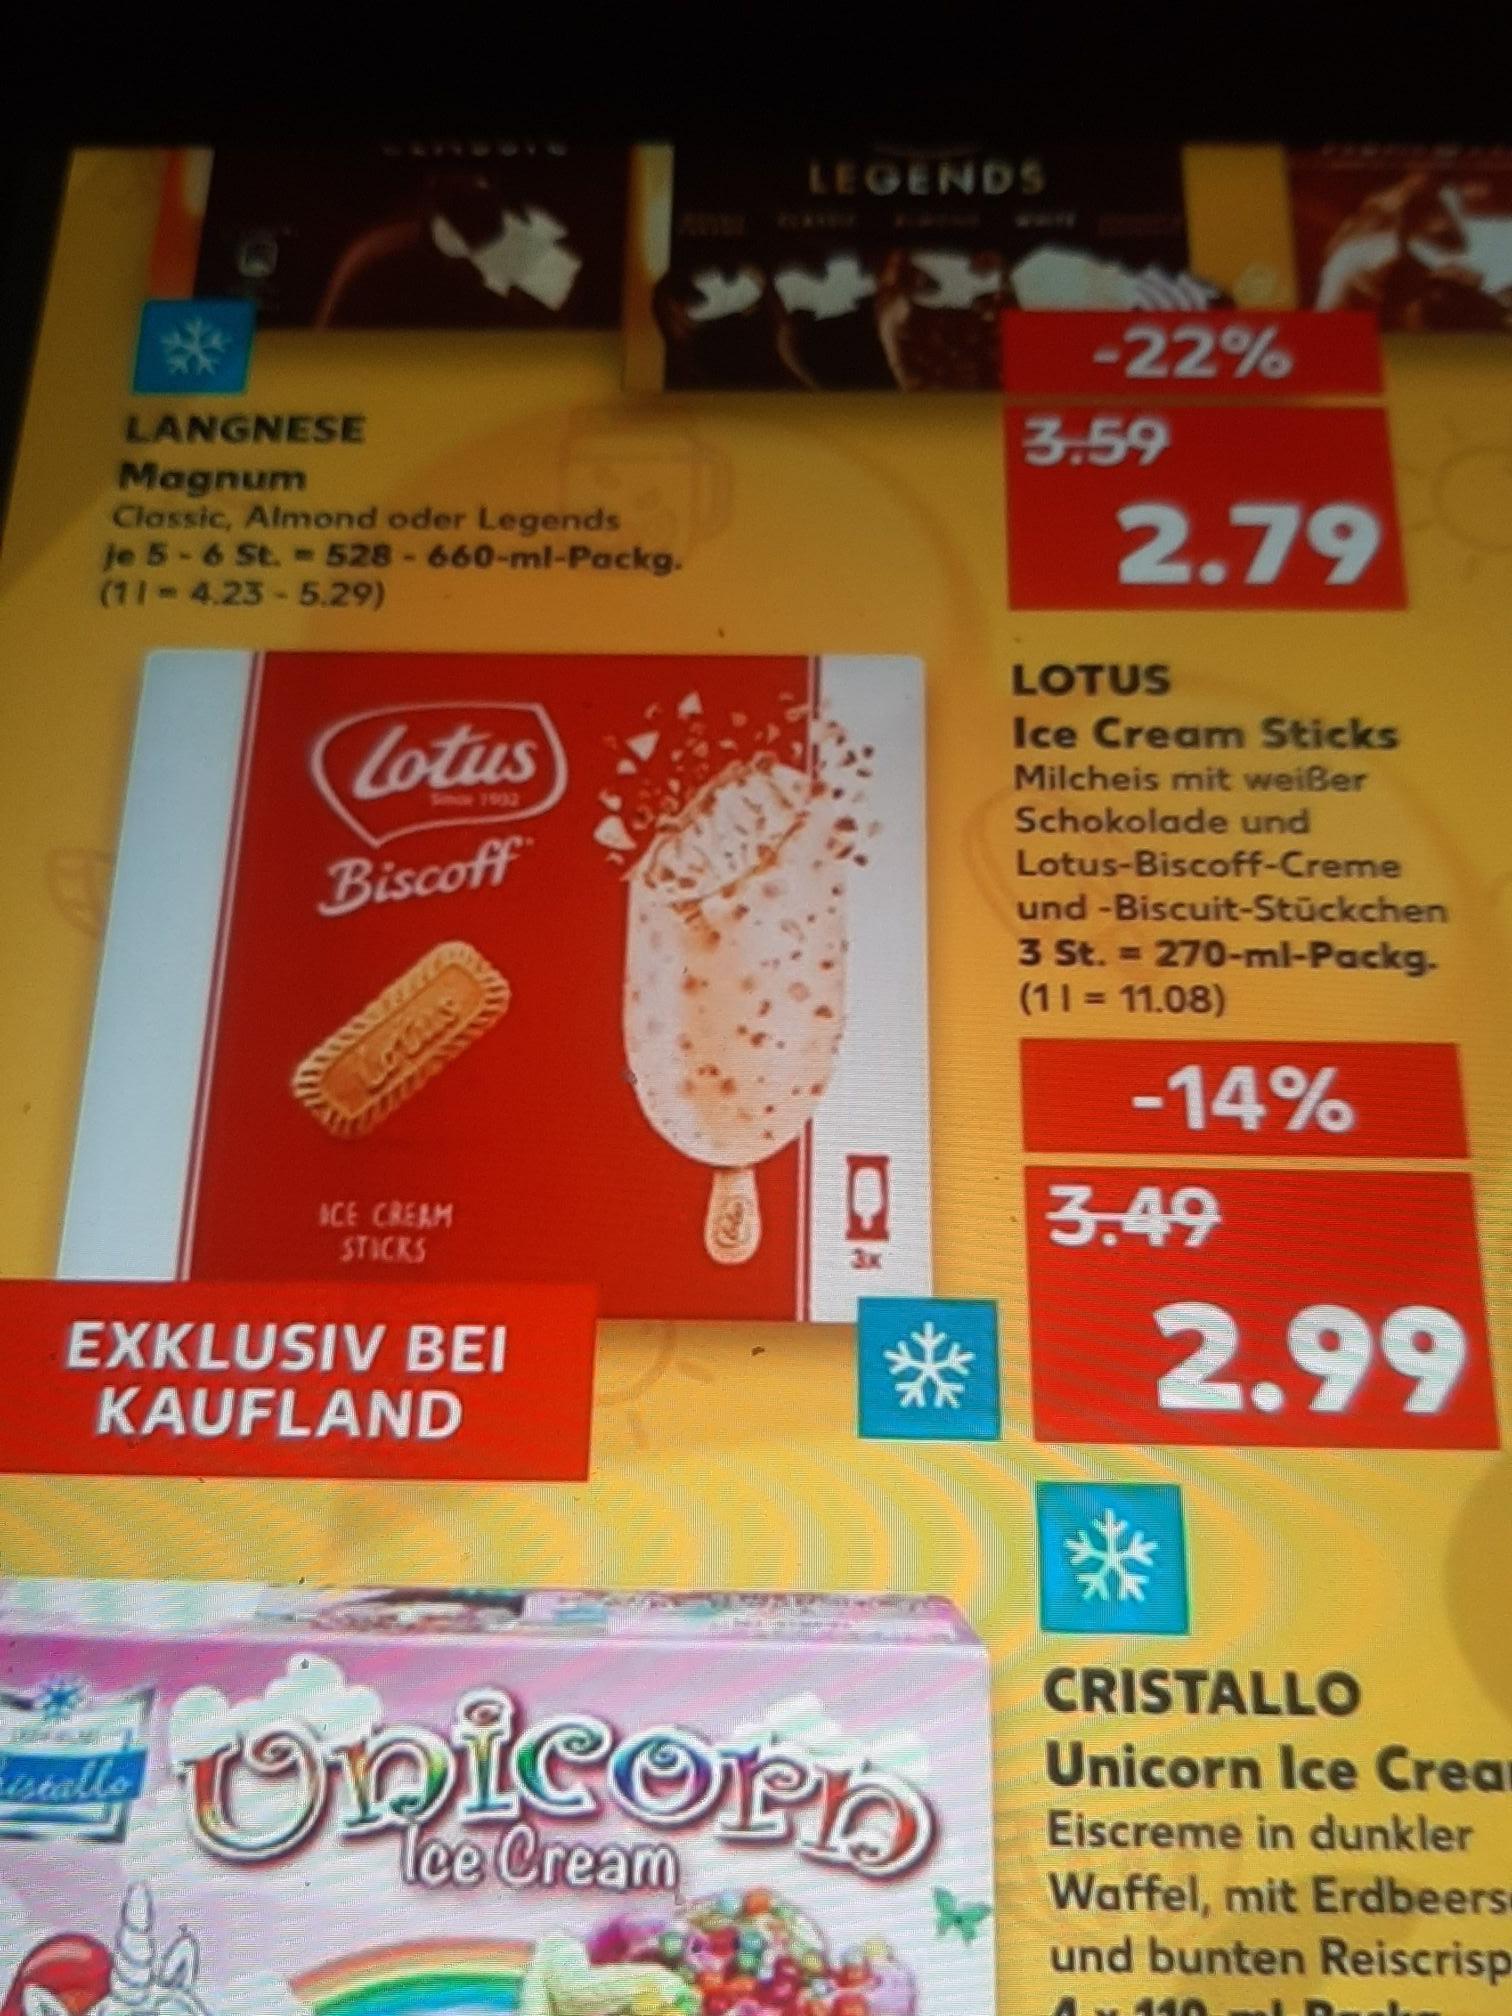 Lotus Ice Cream Sticks Biscoff Kekseis mit Weißer Schokolade nur 1.99€ mit Coupon.